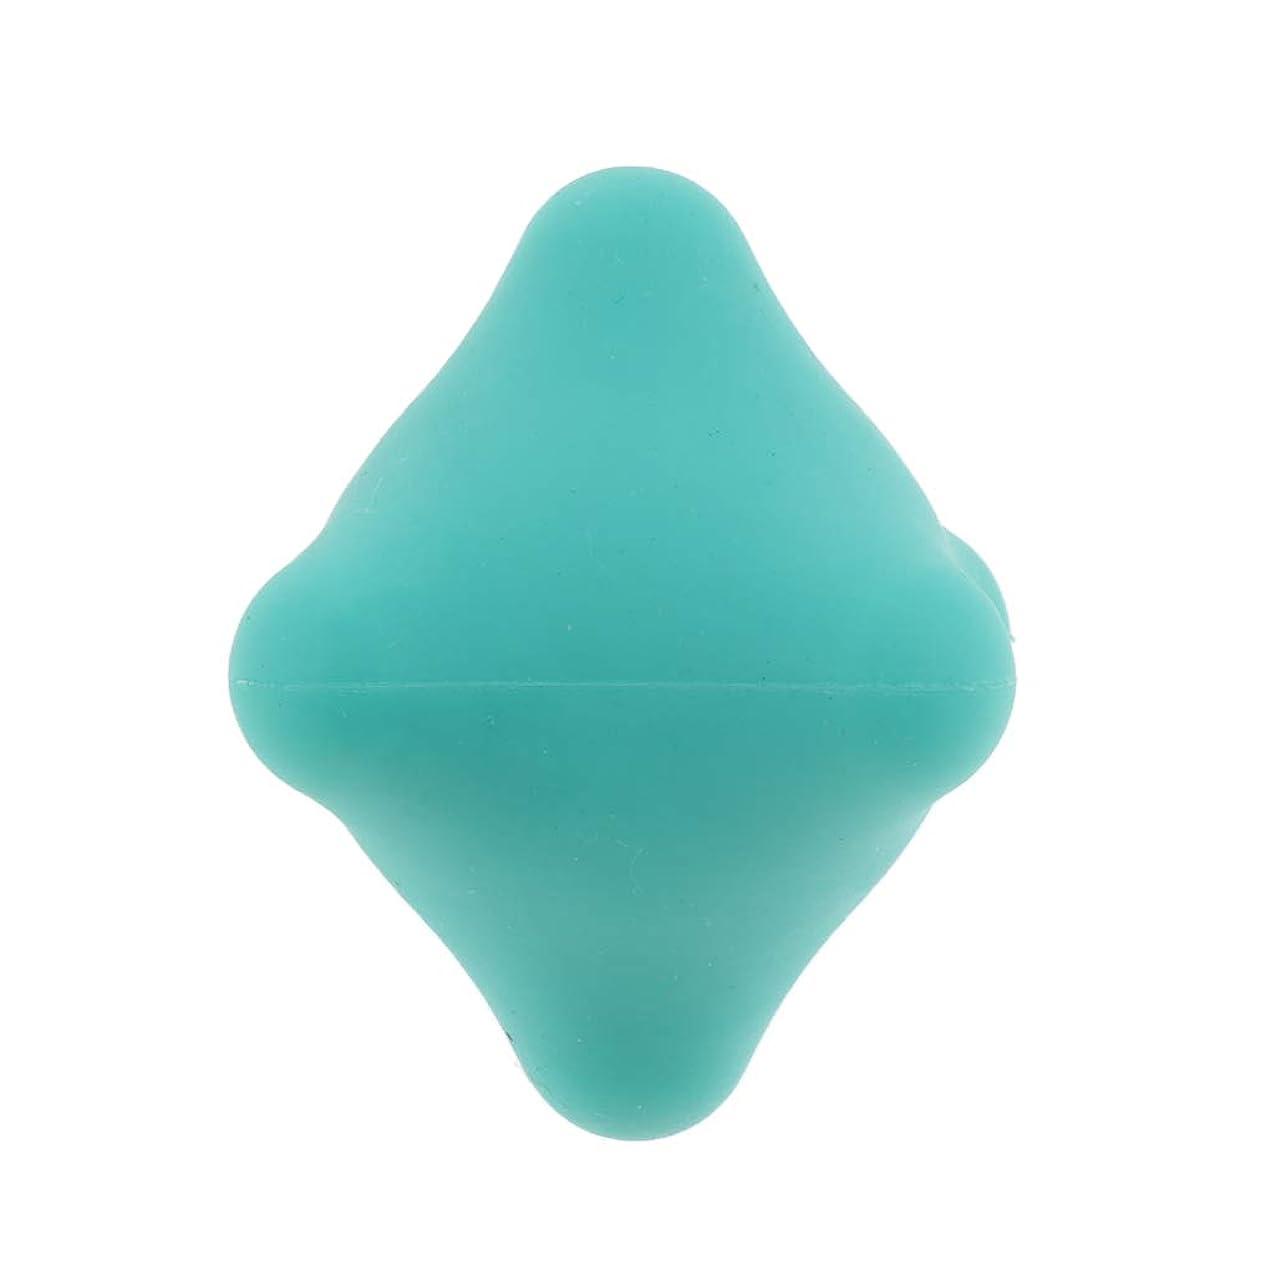 ハンバーガー項目水没Perfeclan 全9色 マッサージボール 指圧ボール 六角 筋膜リリース トリガーポイント 背中 足裏 ストレス解消 - 濃い緑色, 4.4cm